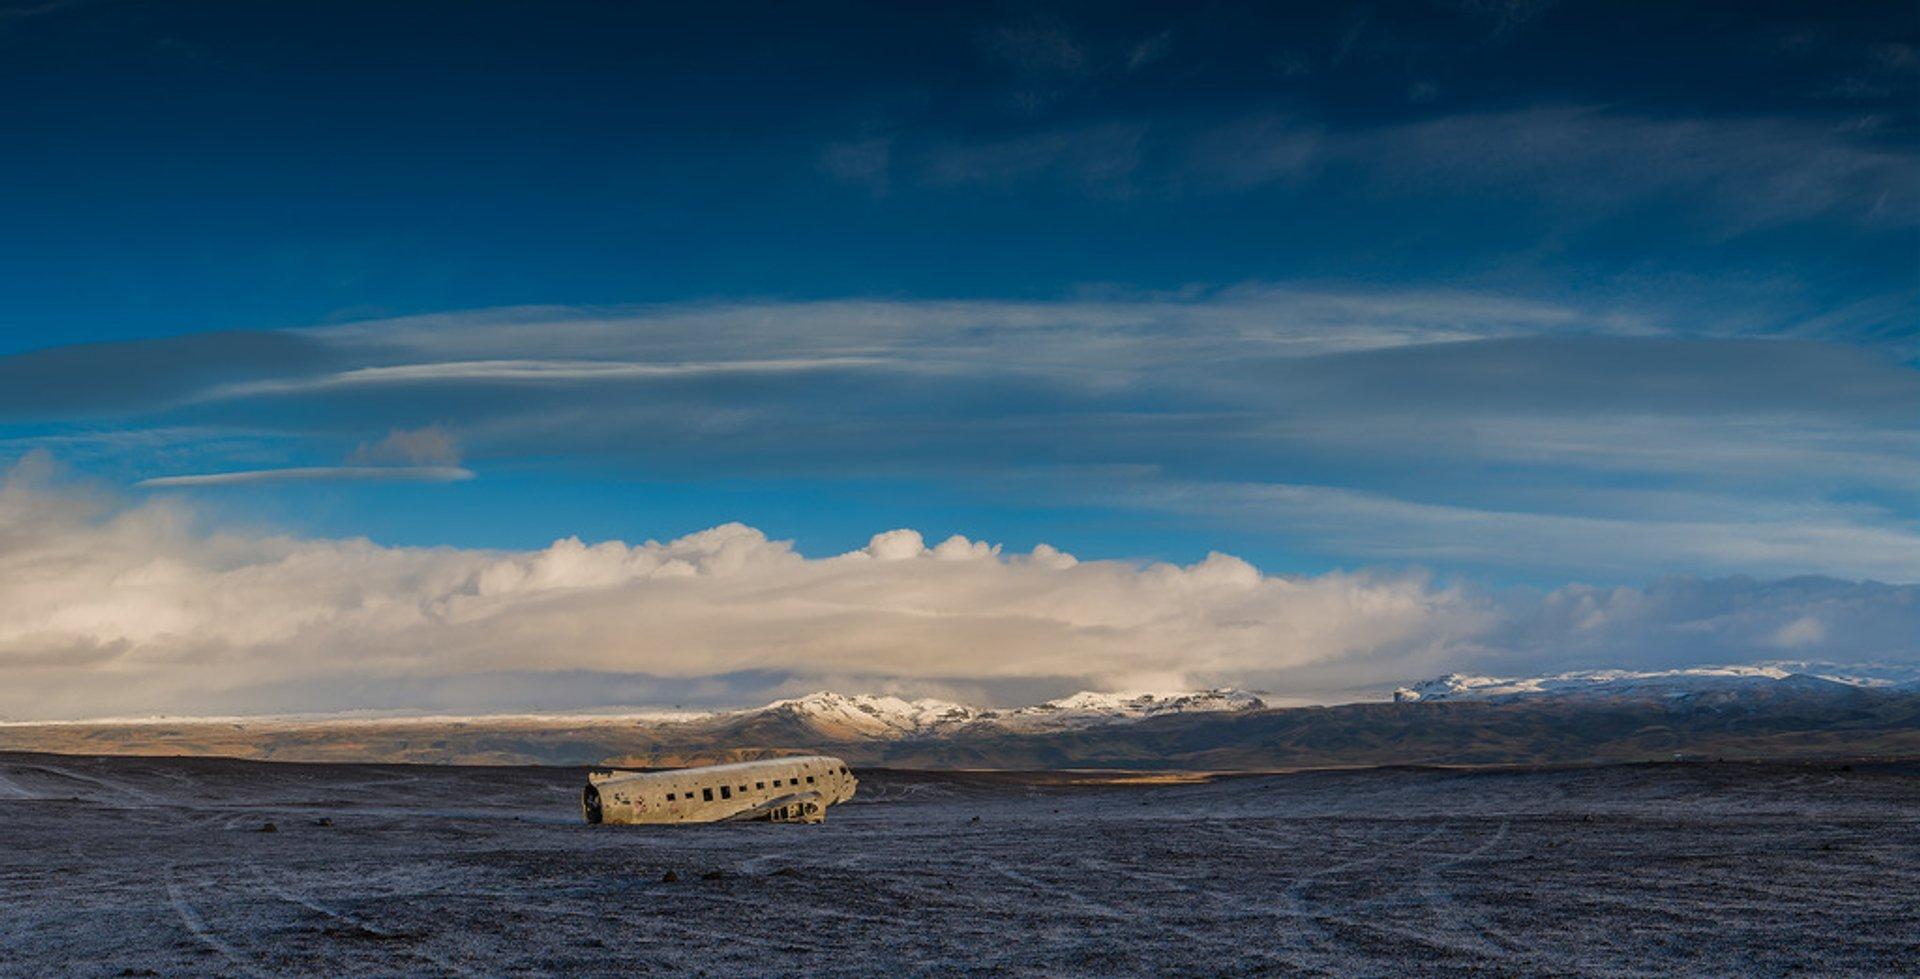 Sólheimasandur Plane Wreck in Iceland - Best Season 2020